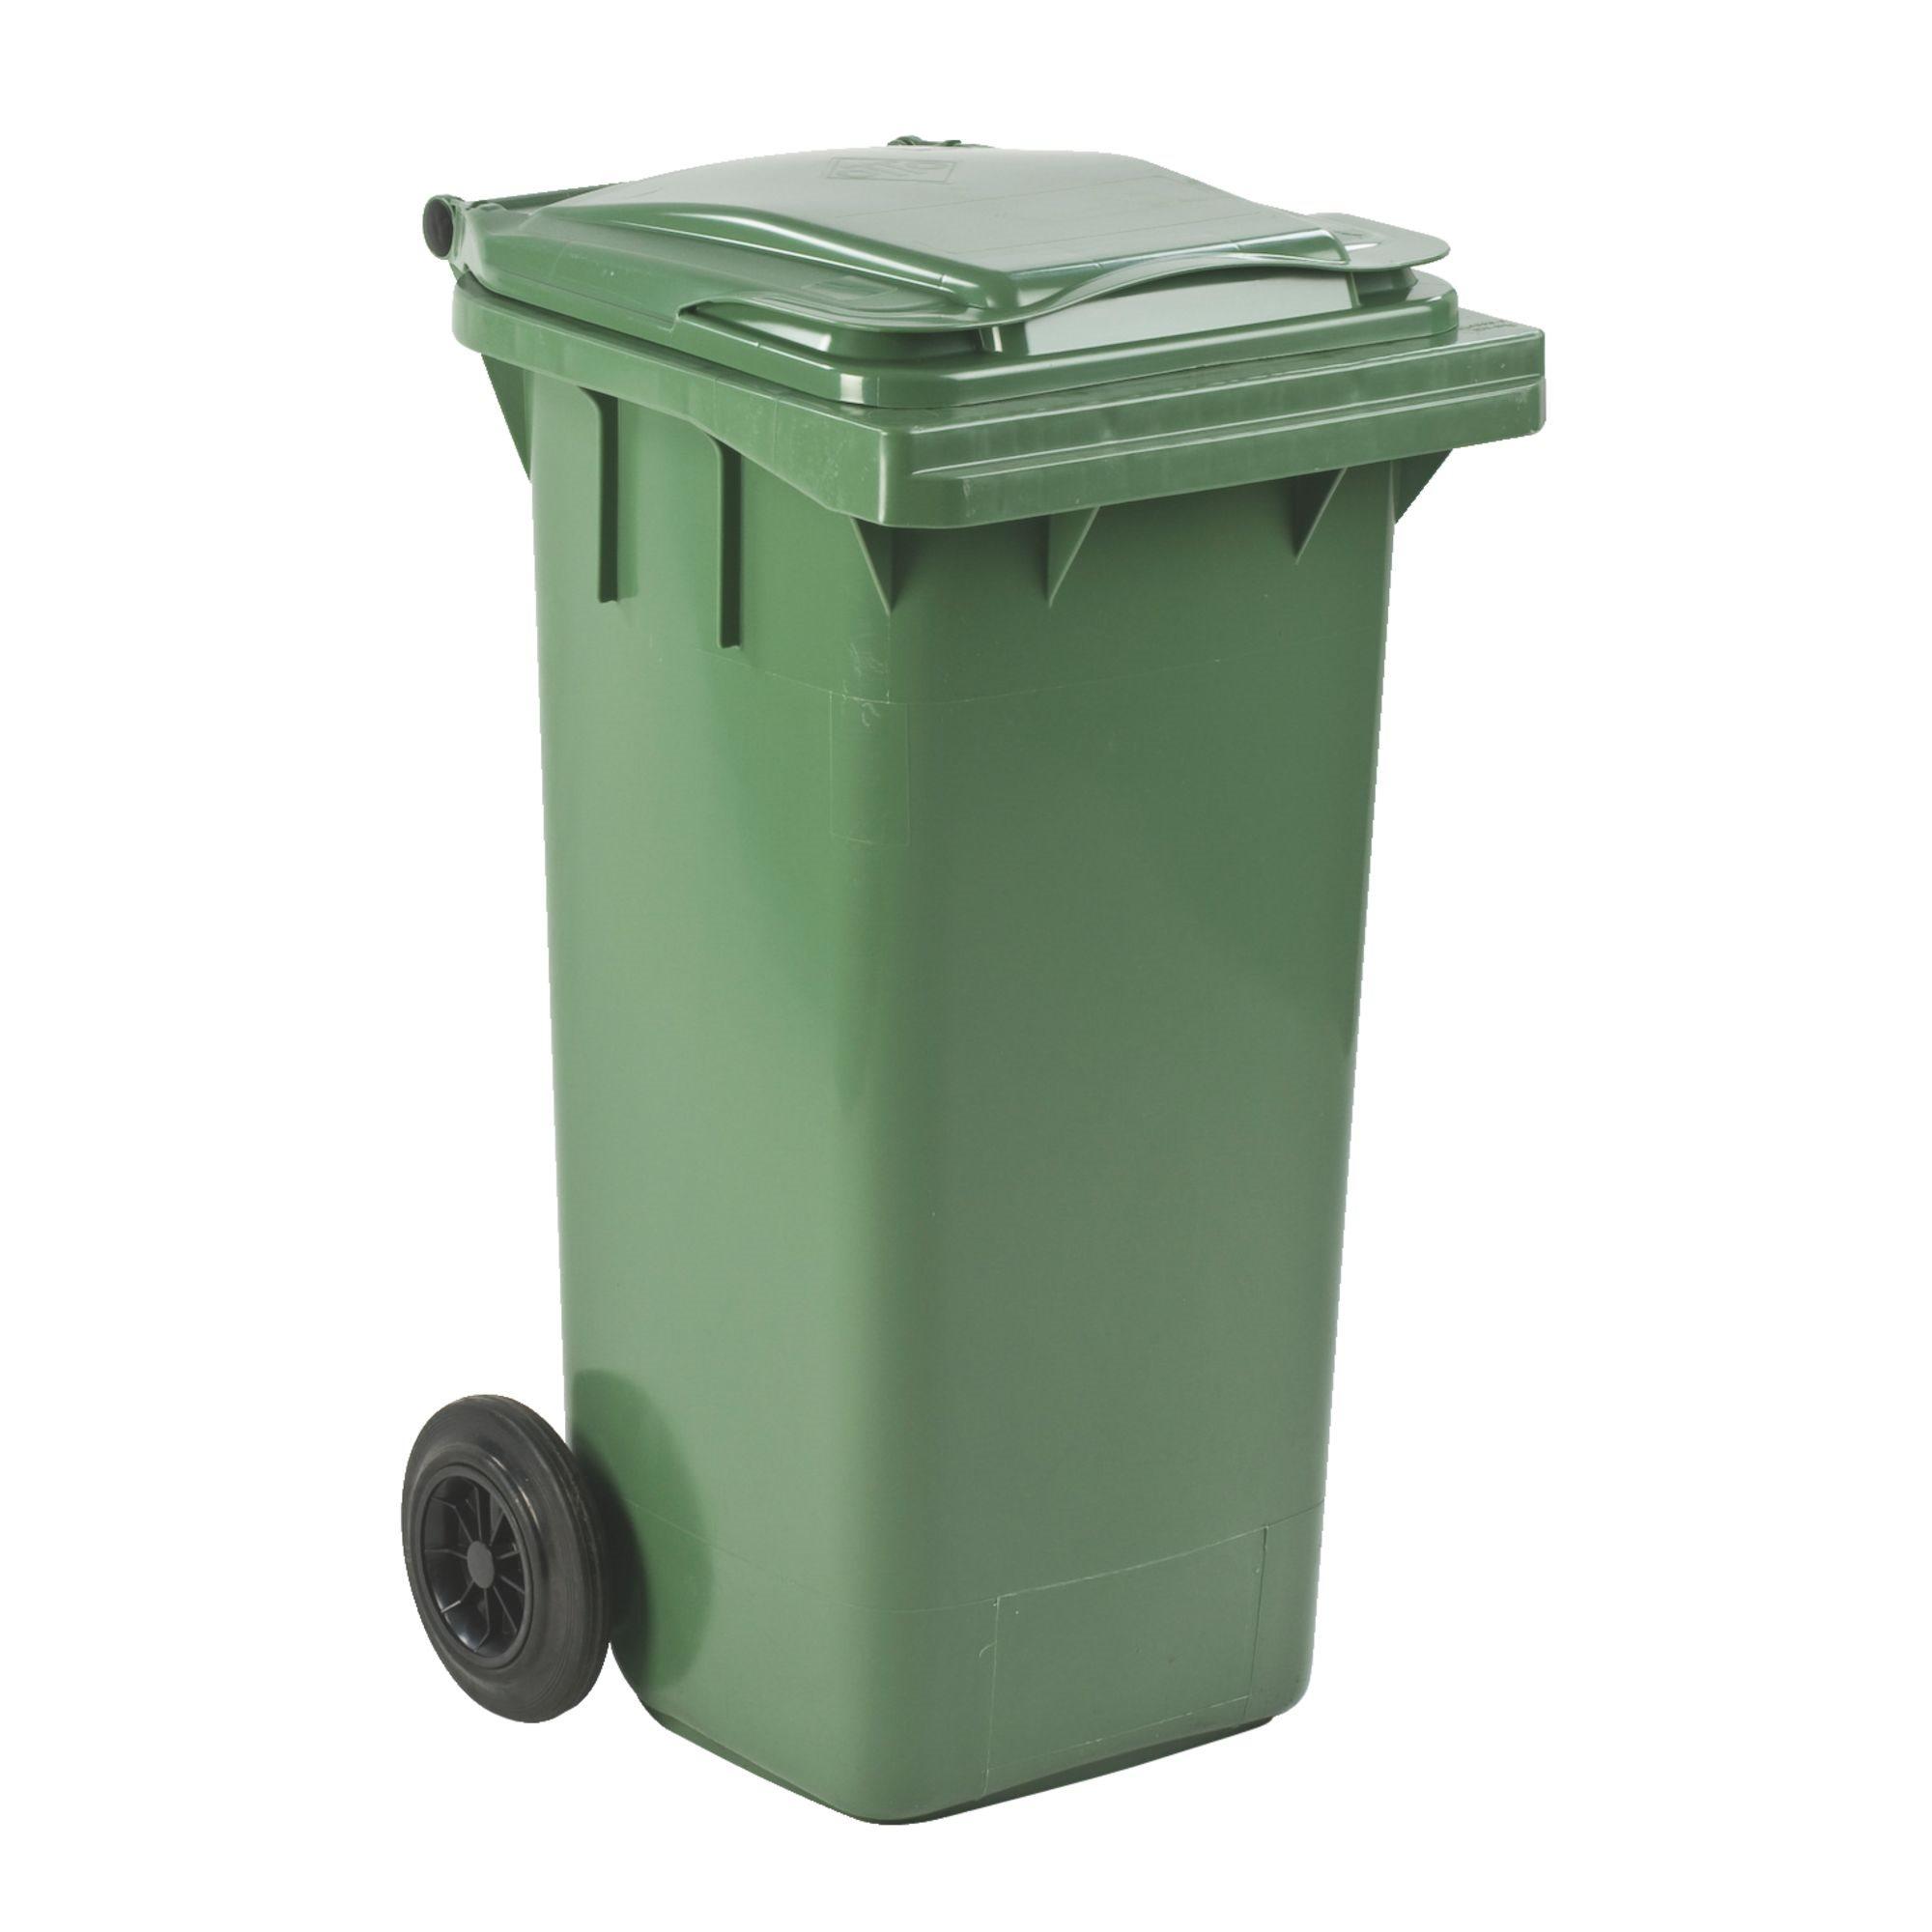 conteneur-a-dechets-vert.jpg